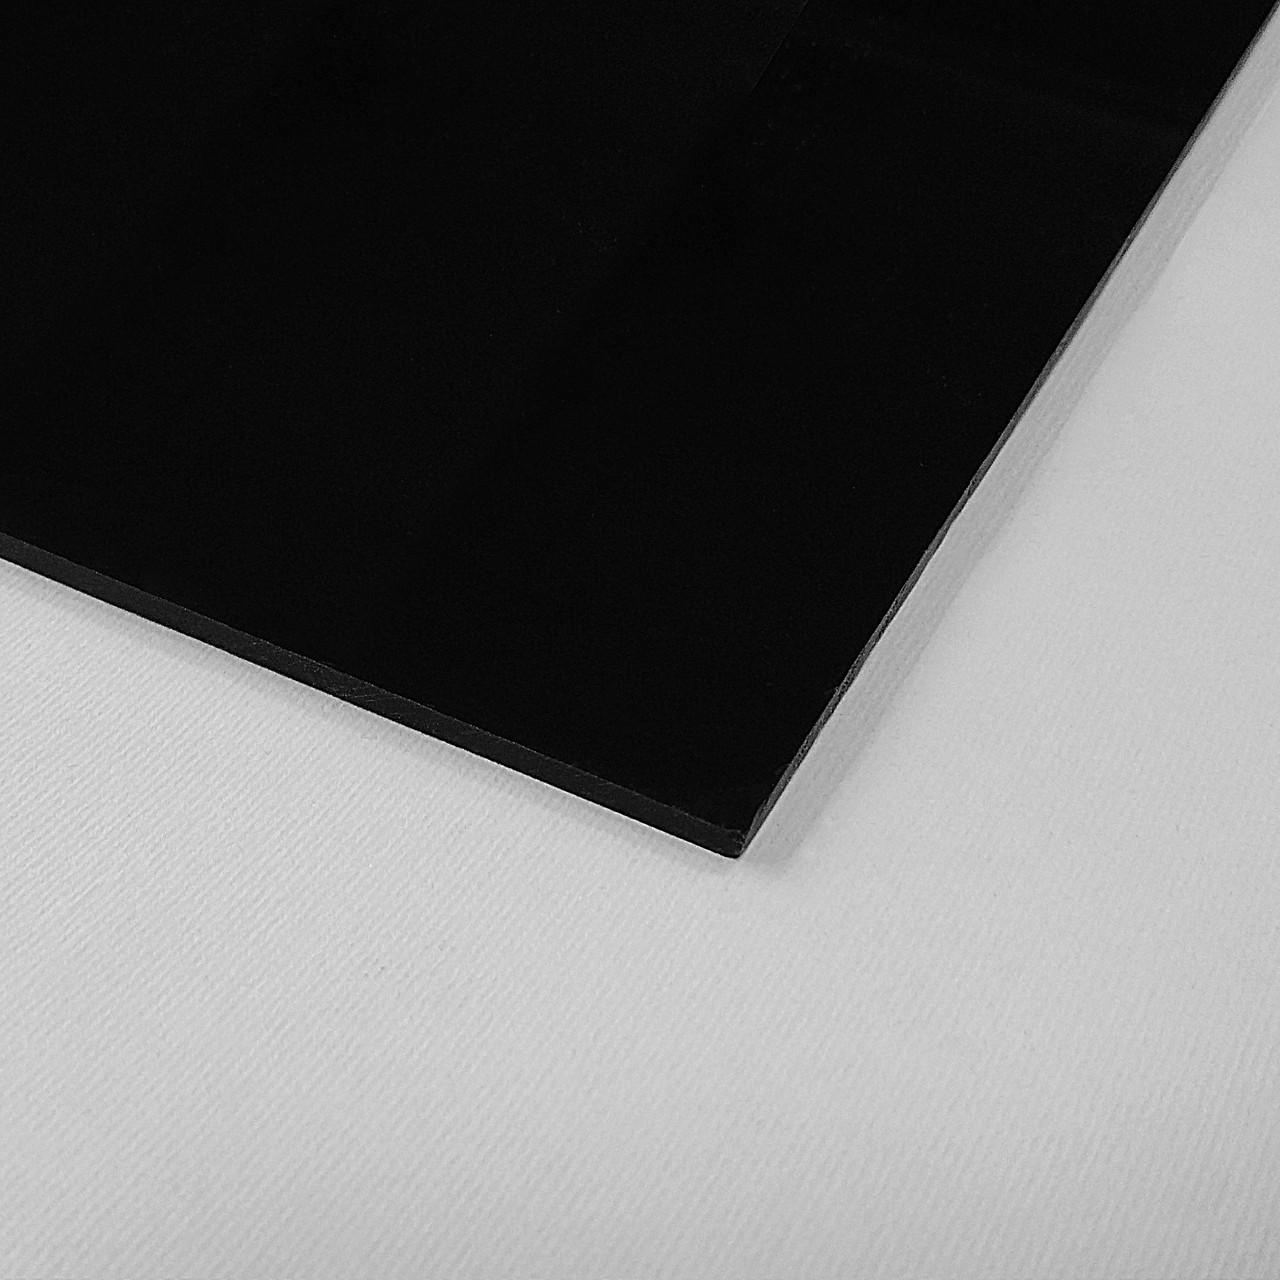 Акрил Plexima XT, чёрный, 3 мм